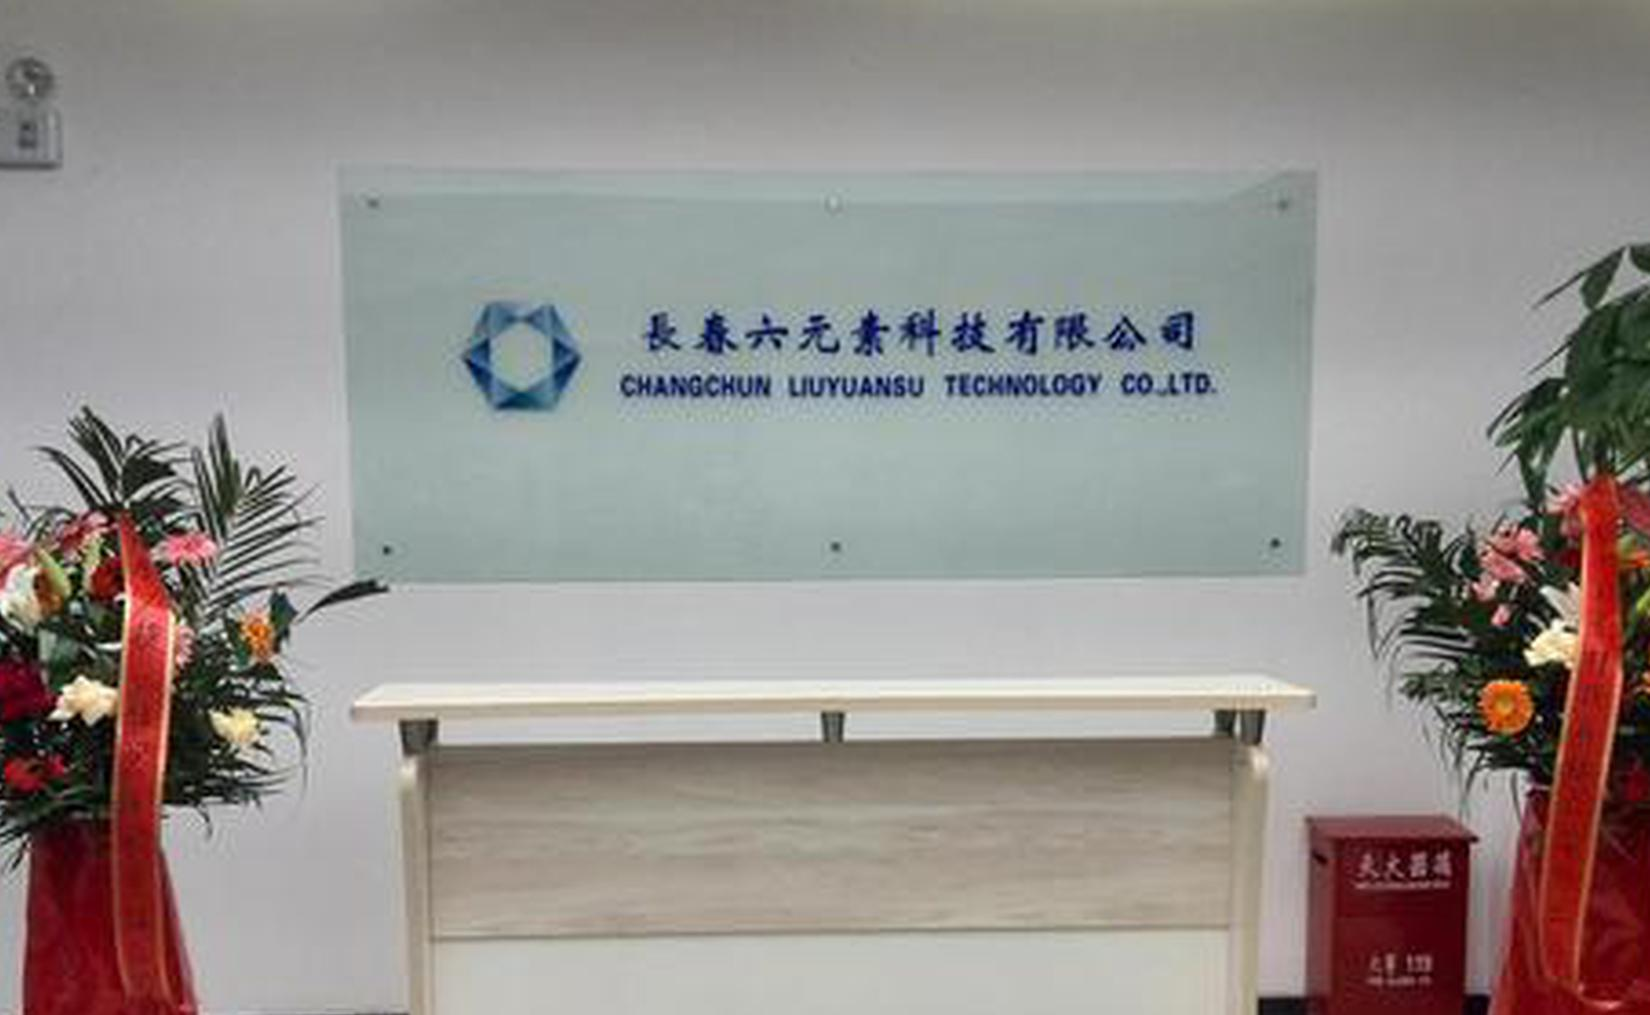 长春六元素科技有限公司:做一家有情怀的高新技术企业